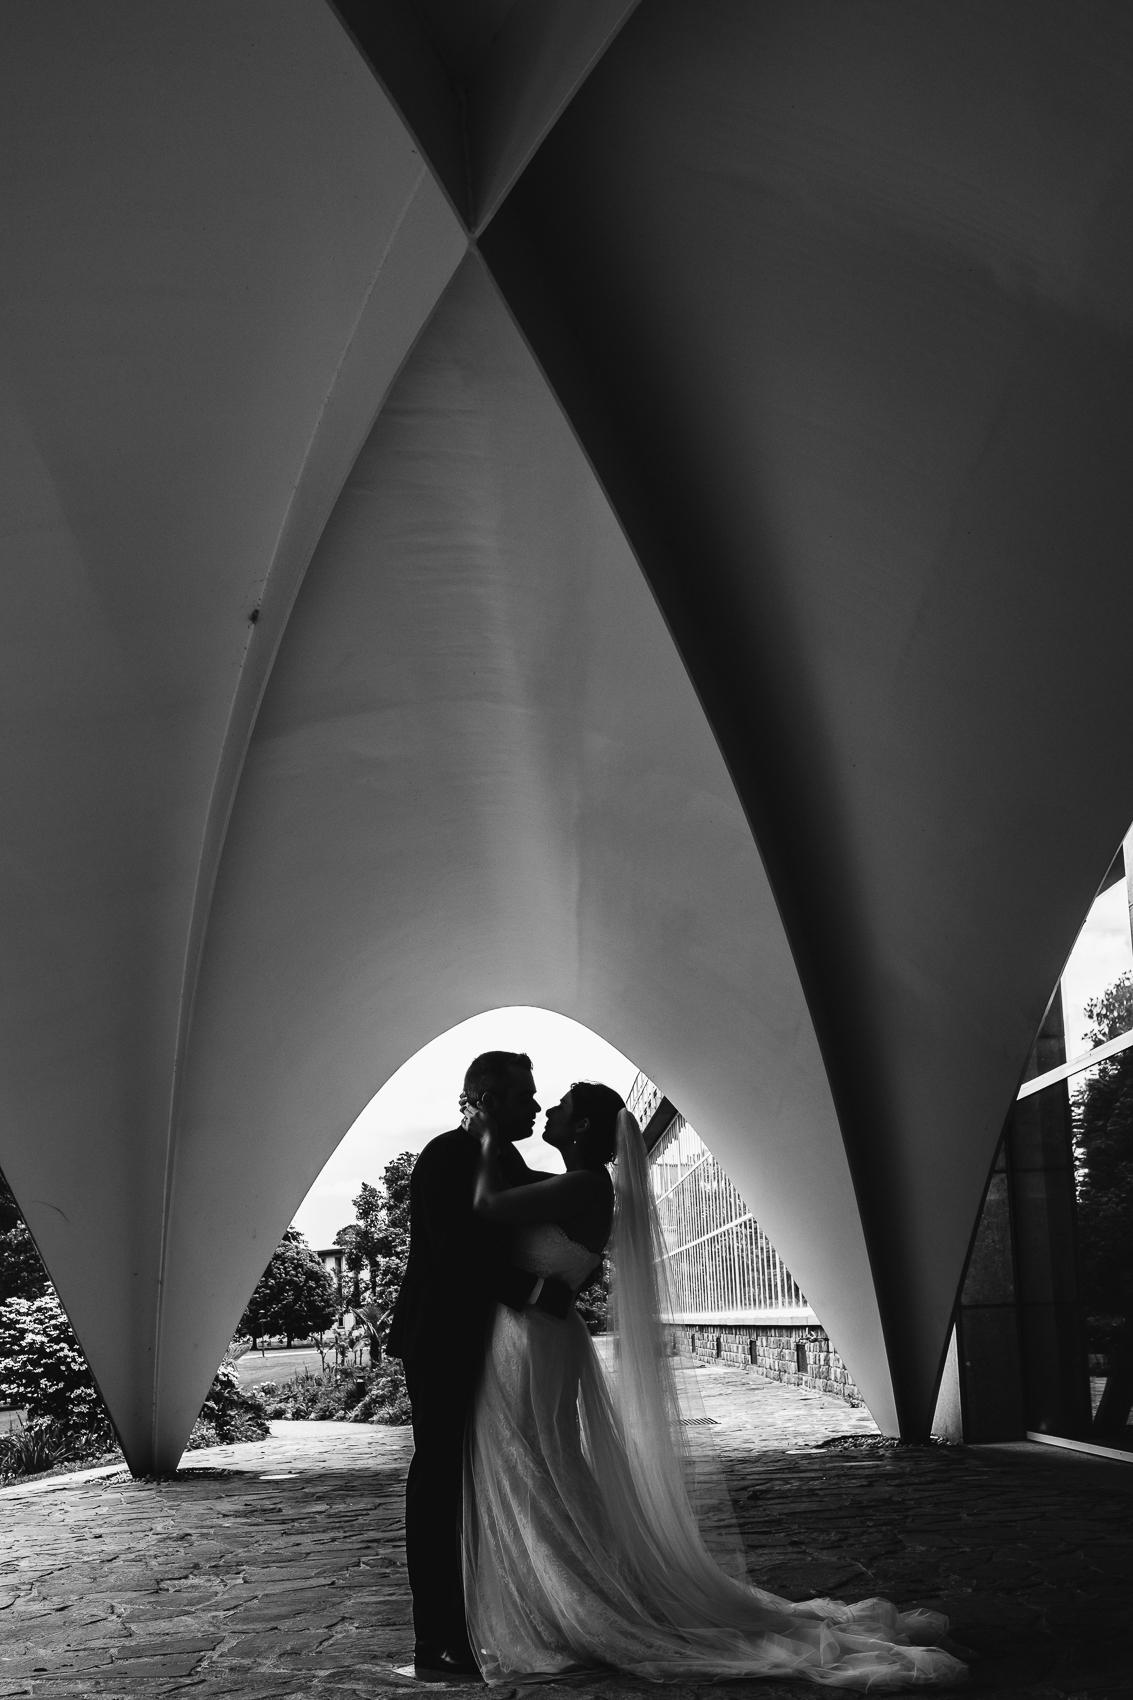 iso800 - huwelijksfotograaf katrien bart park west antwerpen-20.jpg